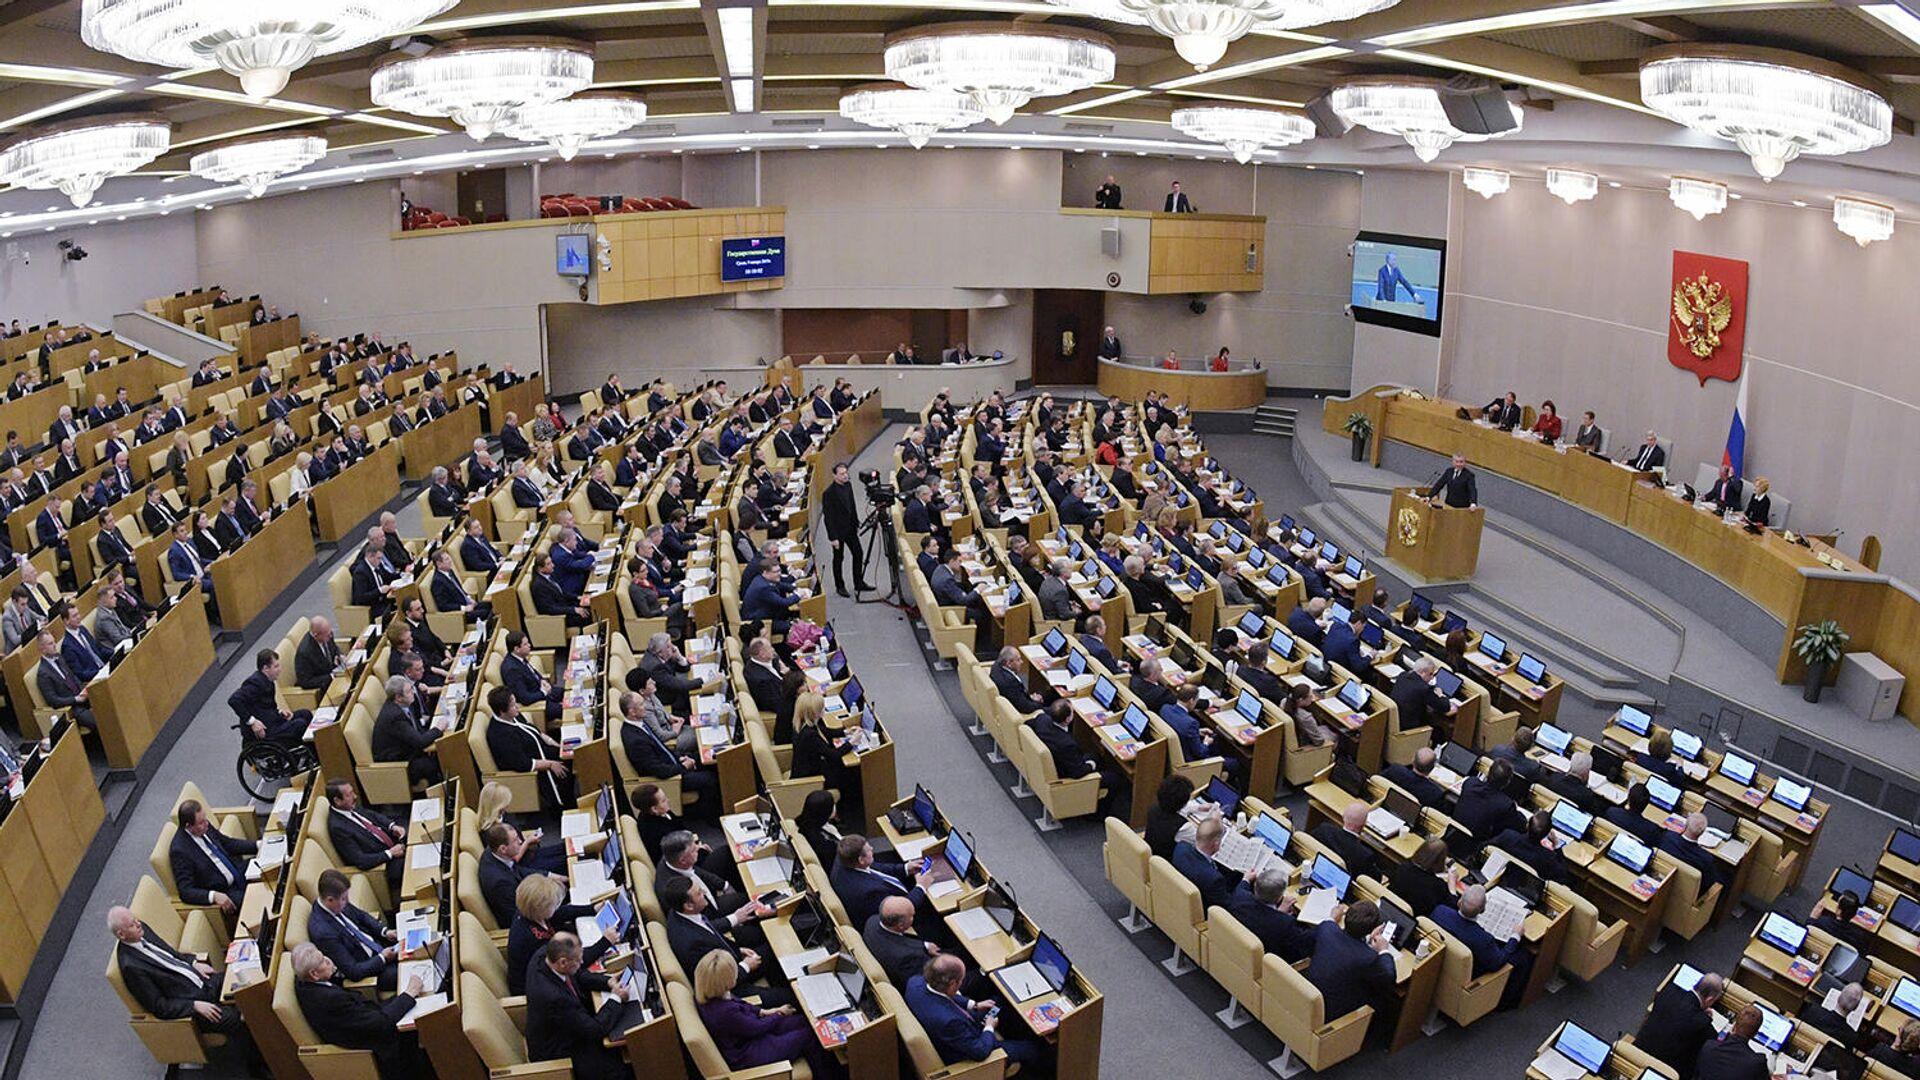 1577627873 0:156:1500:1000 1920x0 80 0 0 802dd86741cc225577d6bf66e78713db - Фадеев: президентские законопроекты – итог общенародного голосования